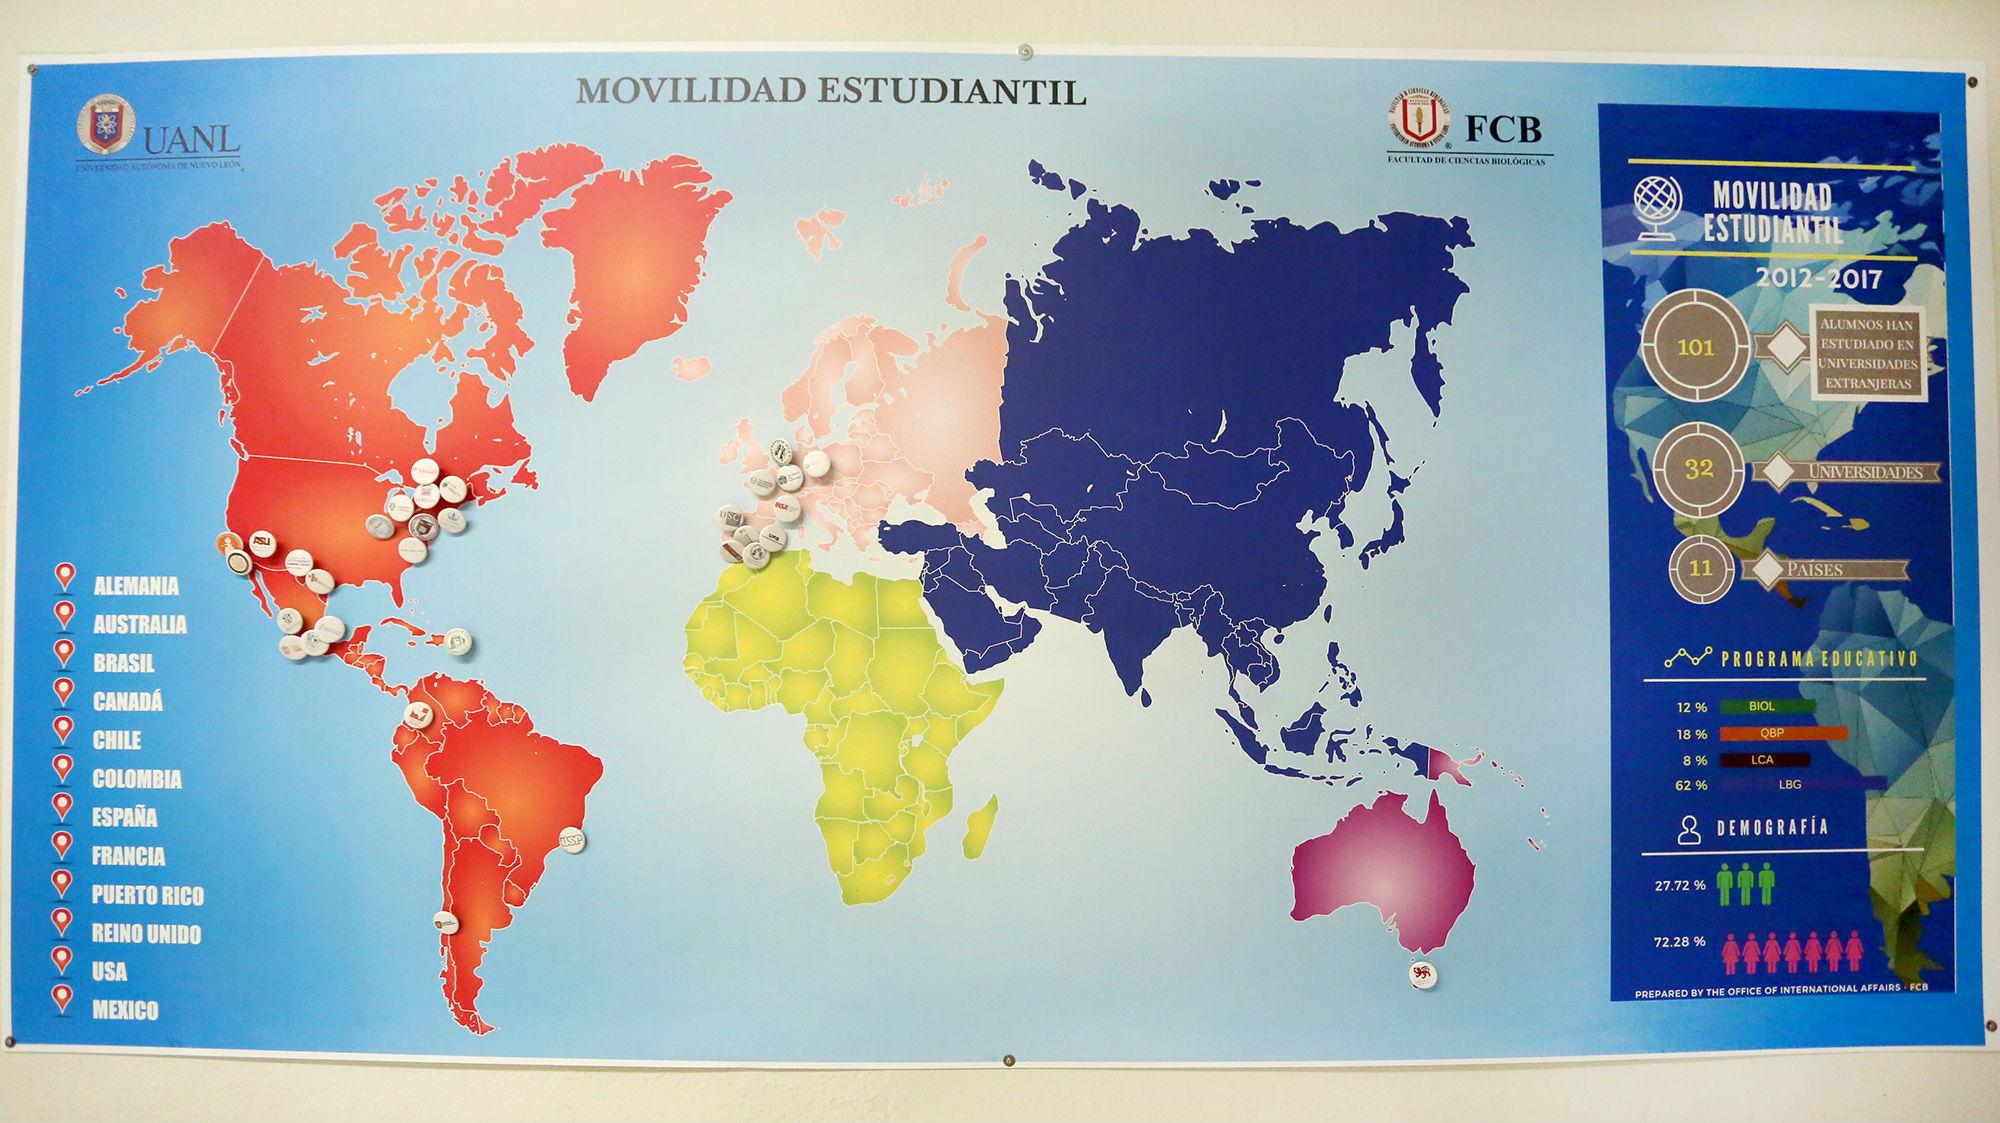 Mapa mundial que marca las instituciones a las que estudiantes de la FCB han ido a realizar estancias académicas